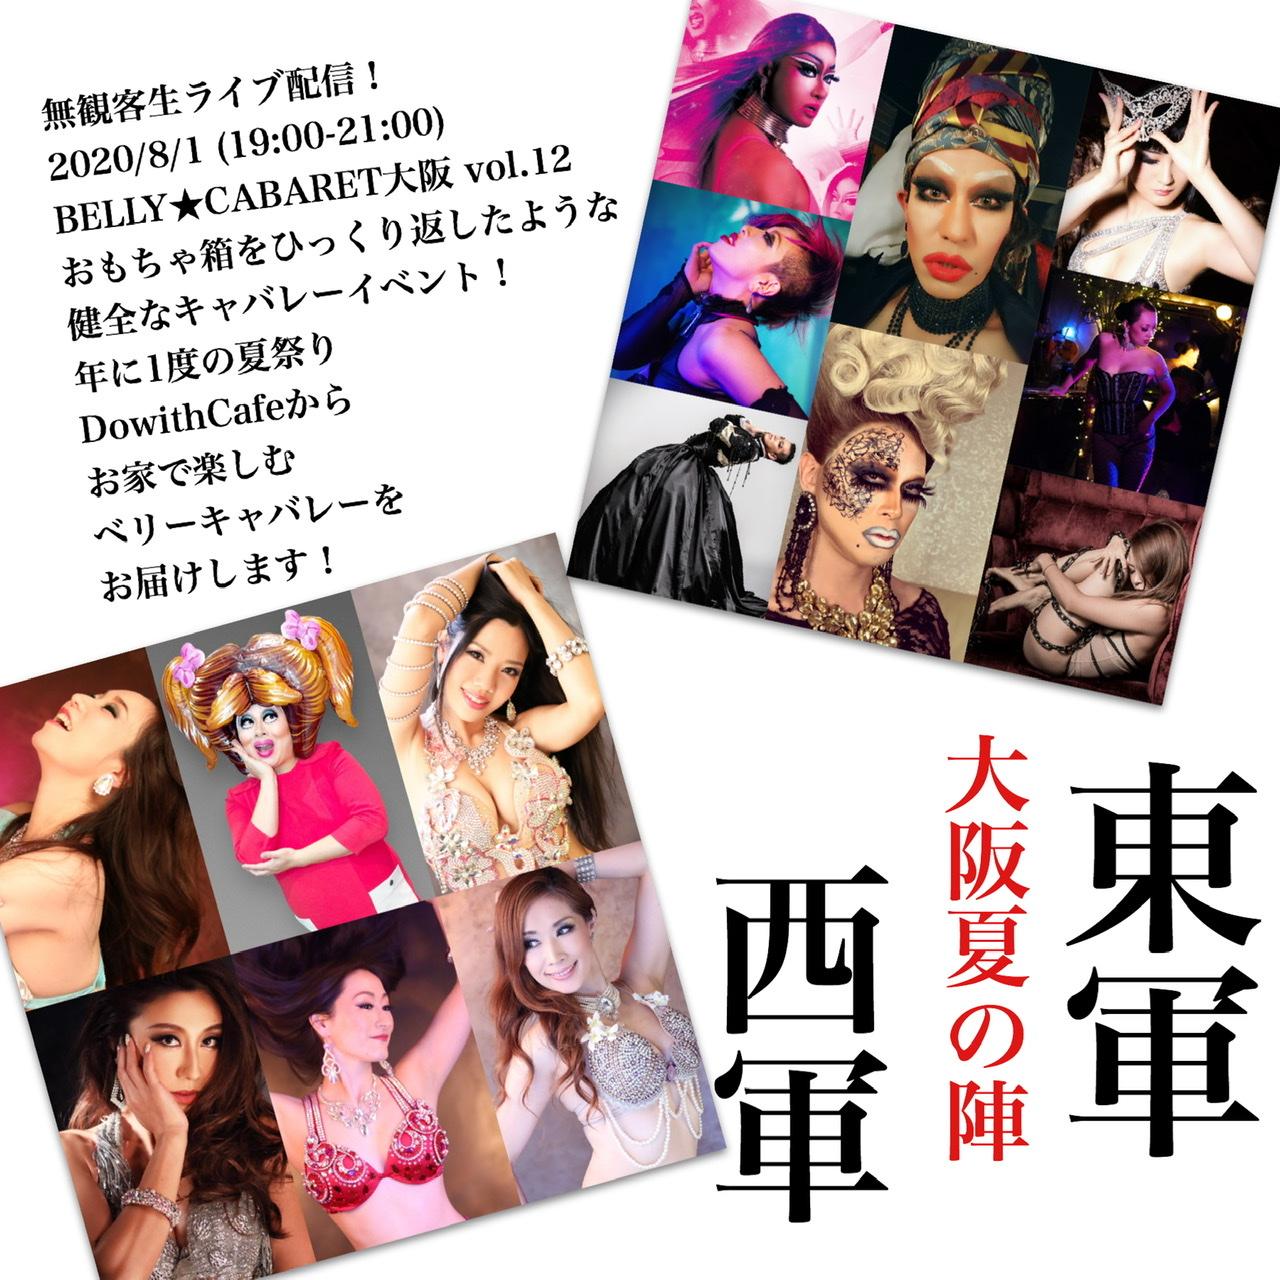 無観客ライブ配信 BELLY★CABARET大阪 vol.12